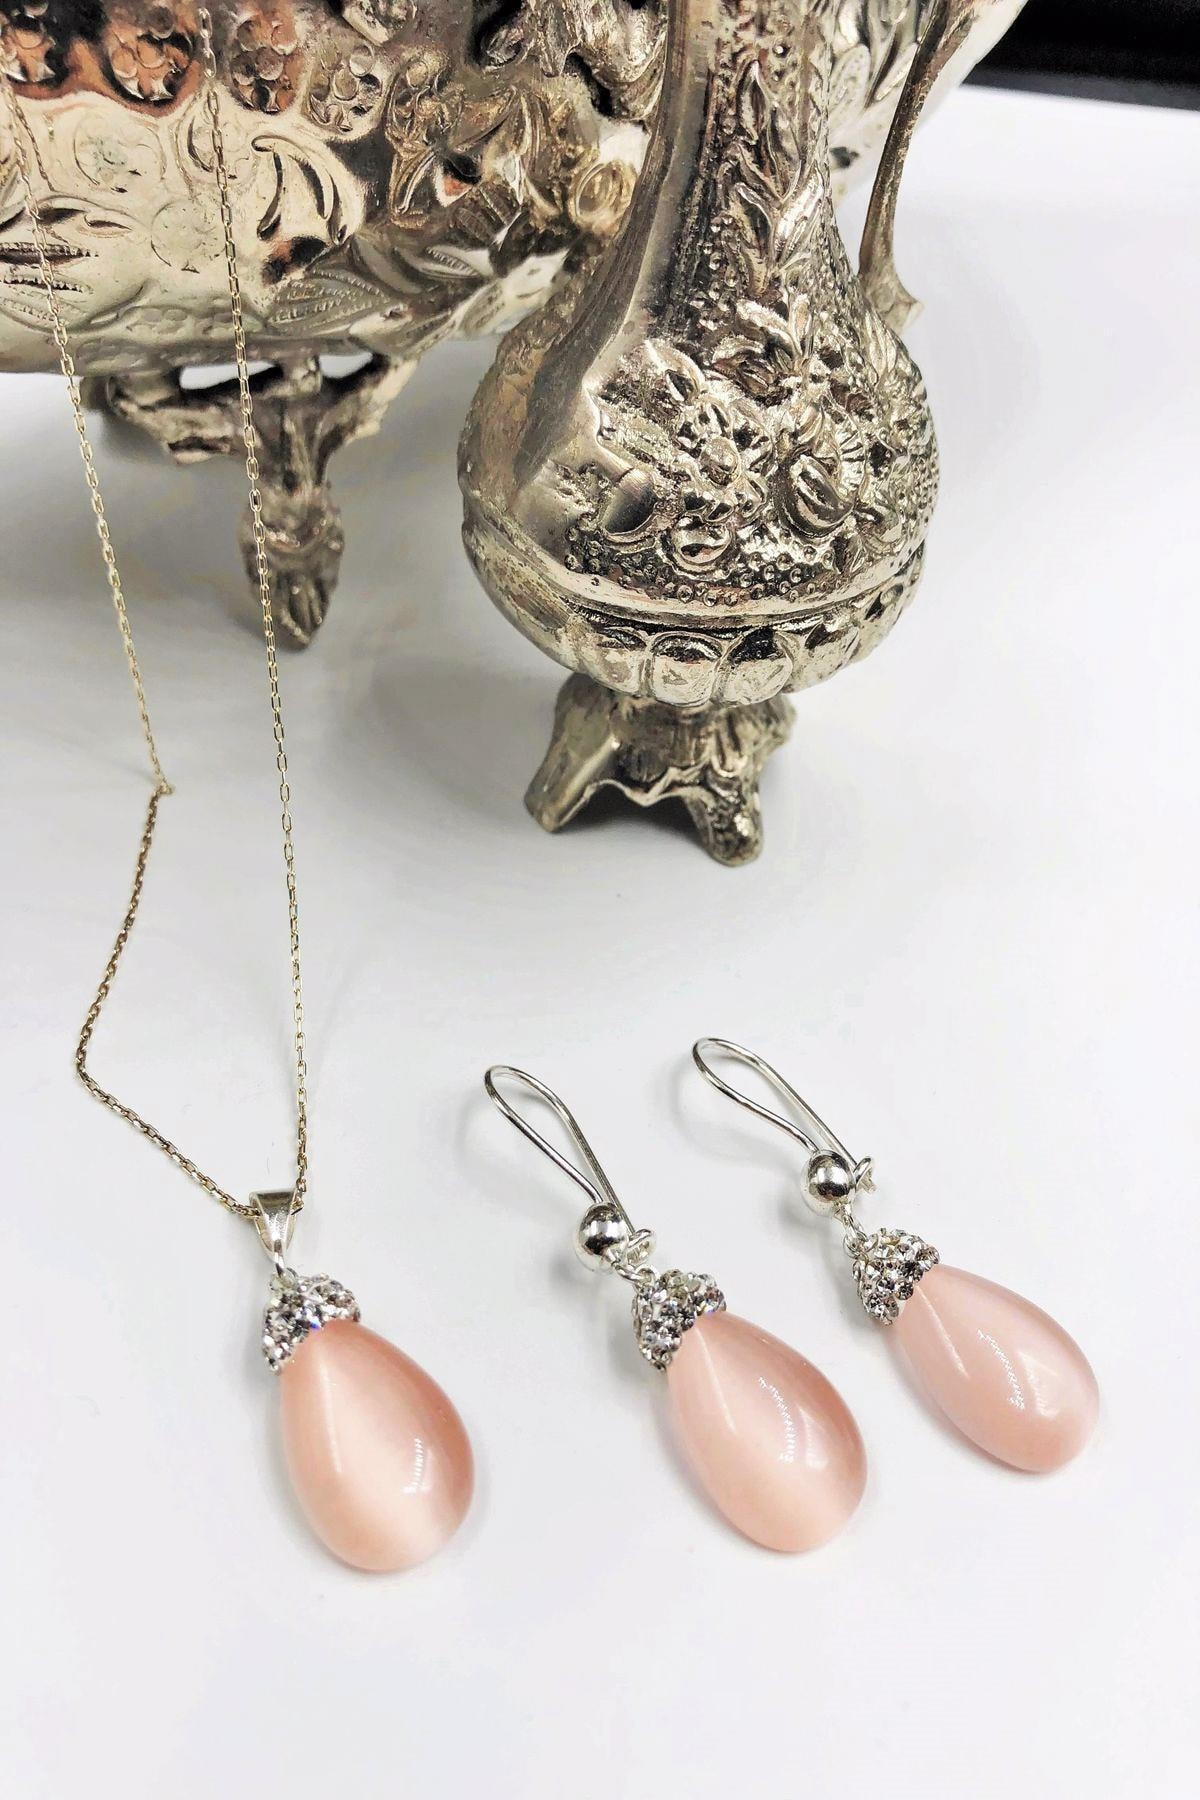 Dr. Stone Dr Stone Harem Koleksiyonu Kedigözü Taşı El Yapımı 925 Ayar Gümüş Set Gdr19 1